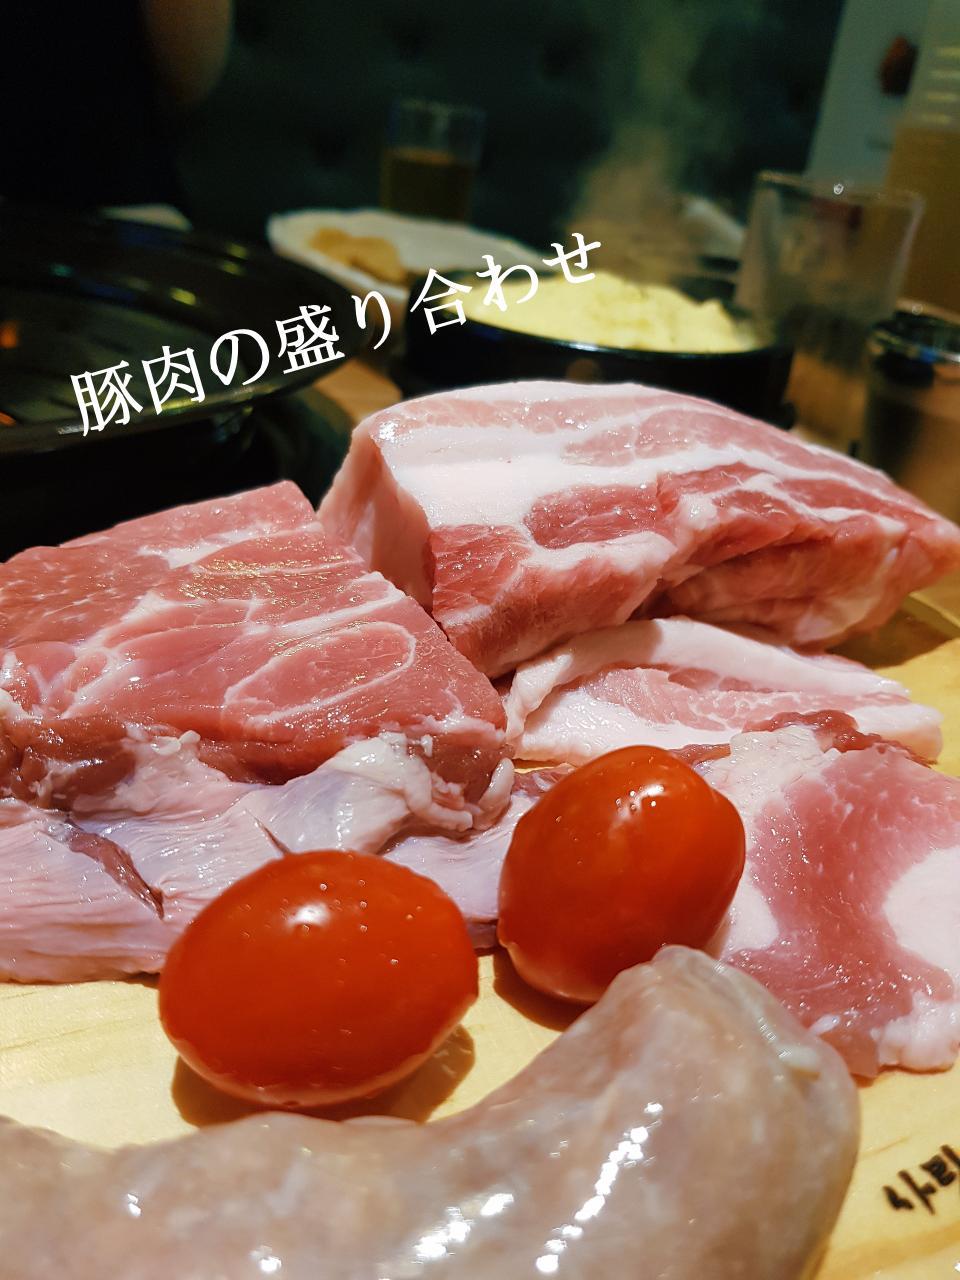 シンガポール韓国料理 ハロアジ